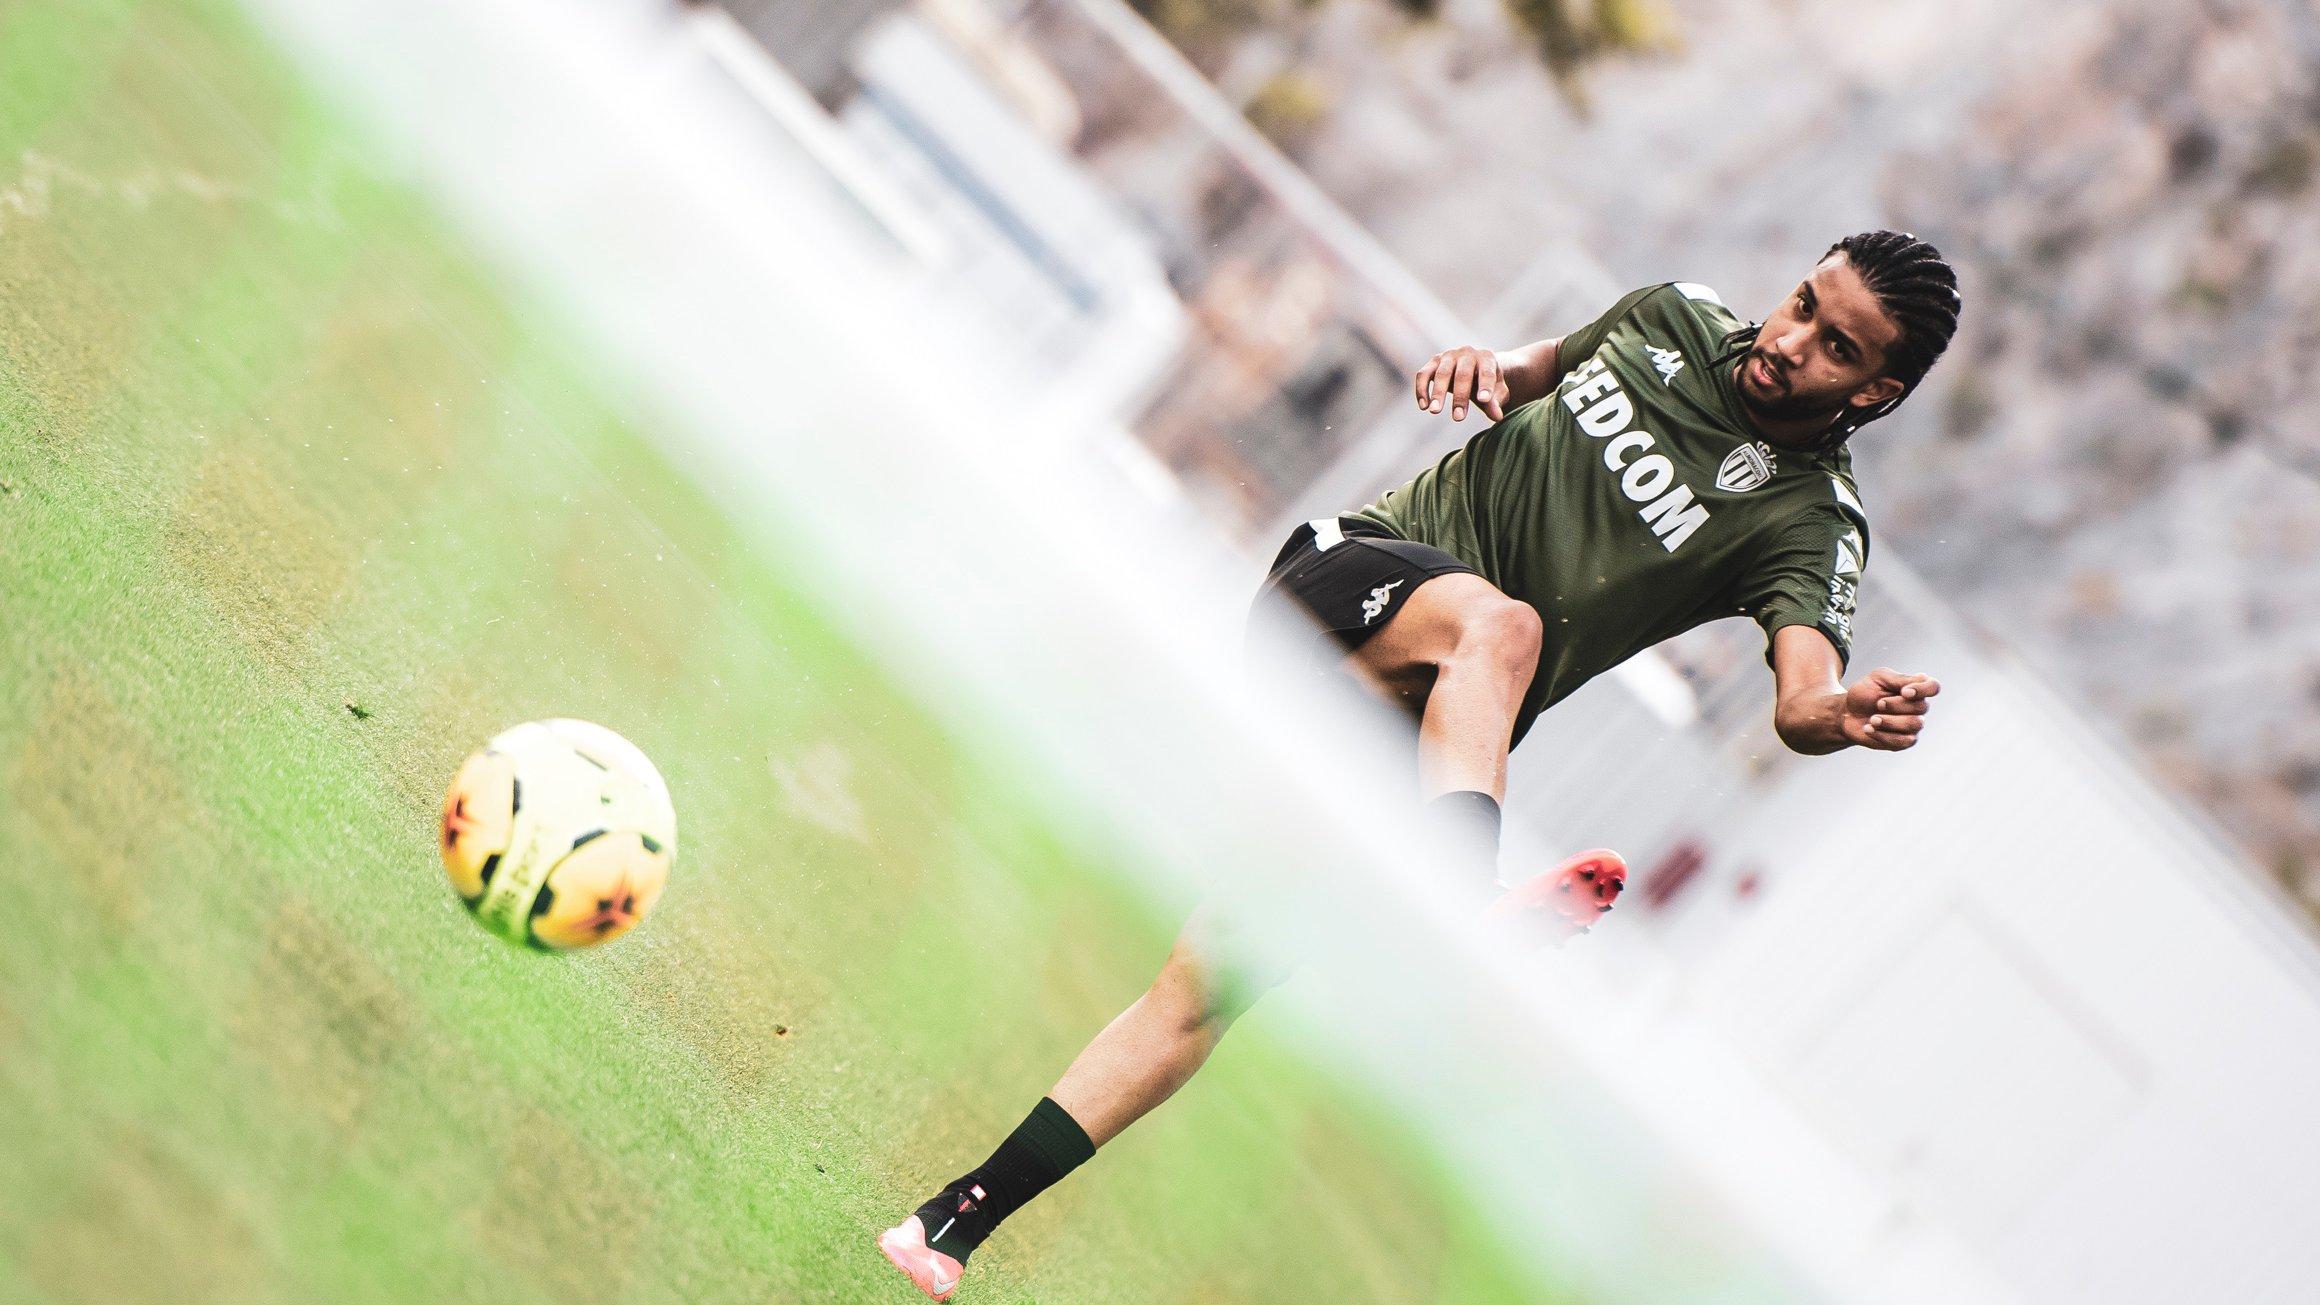 موناكو يعود للتدريبات أكثر قوة وحماس استعداد للدوري الفرنسي (7)